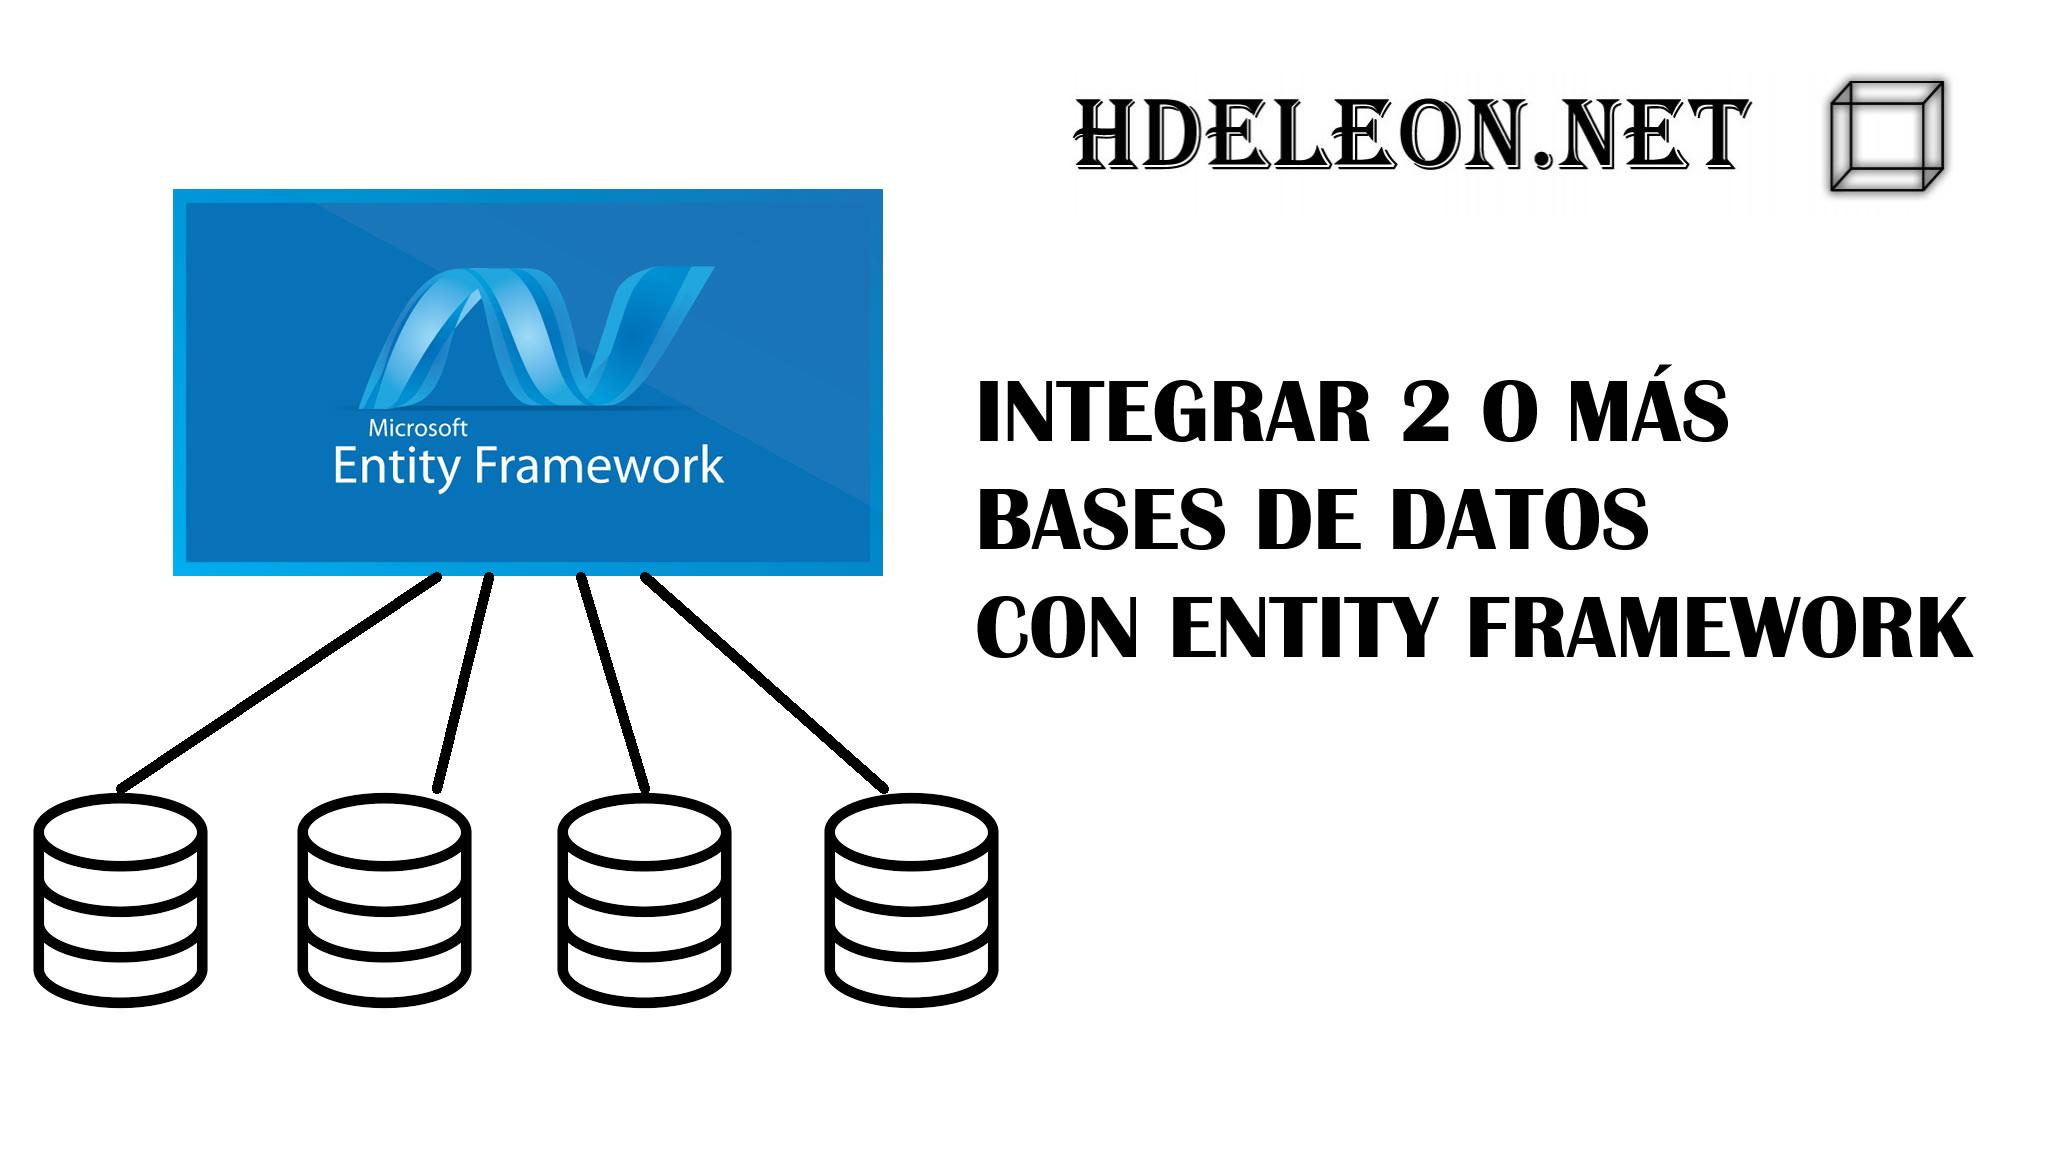 ¿Cómo utilizar Entity Framework con 2 o más bases de datos distintas?, C# .Net Visual Studio